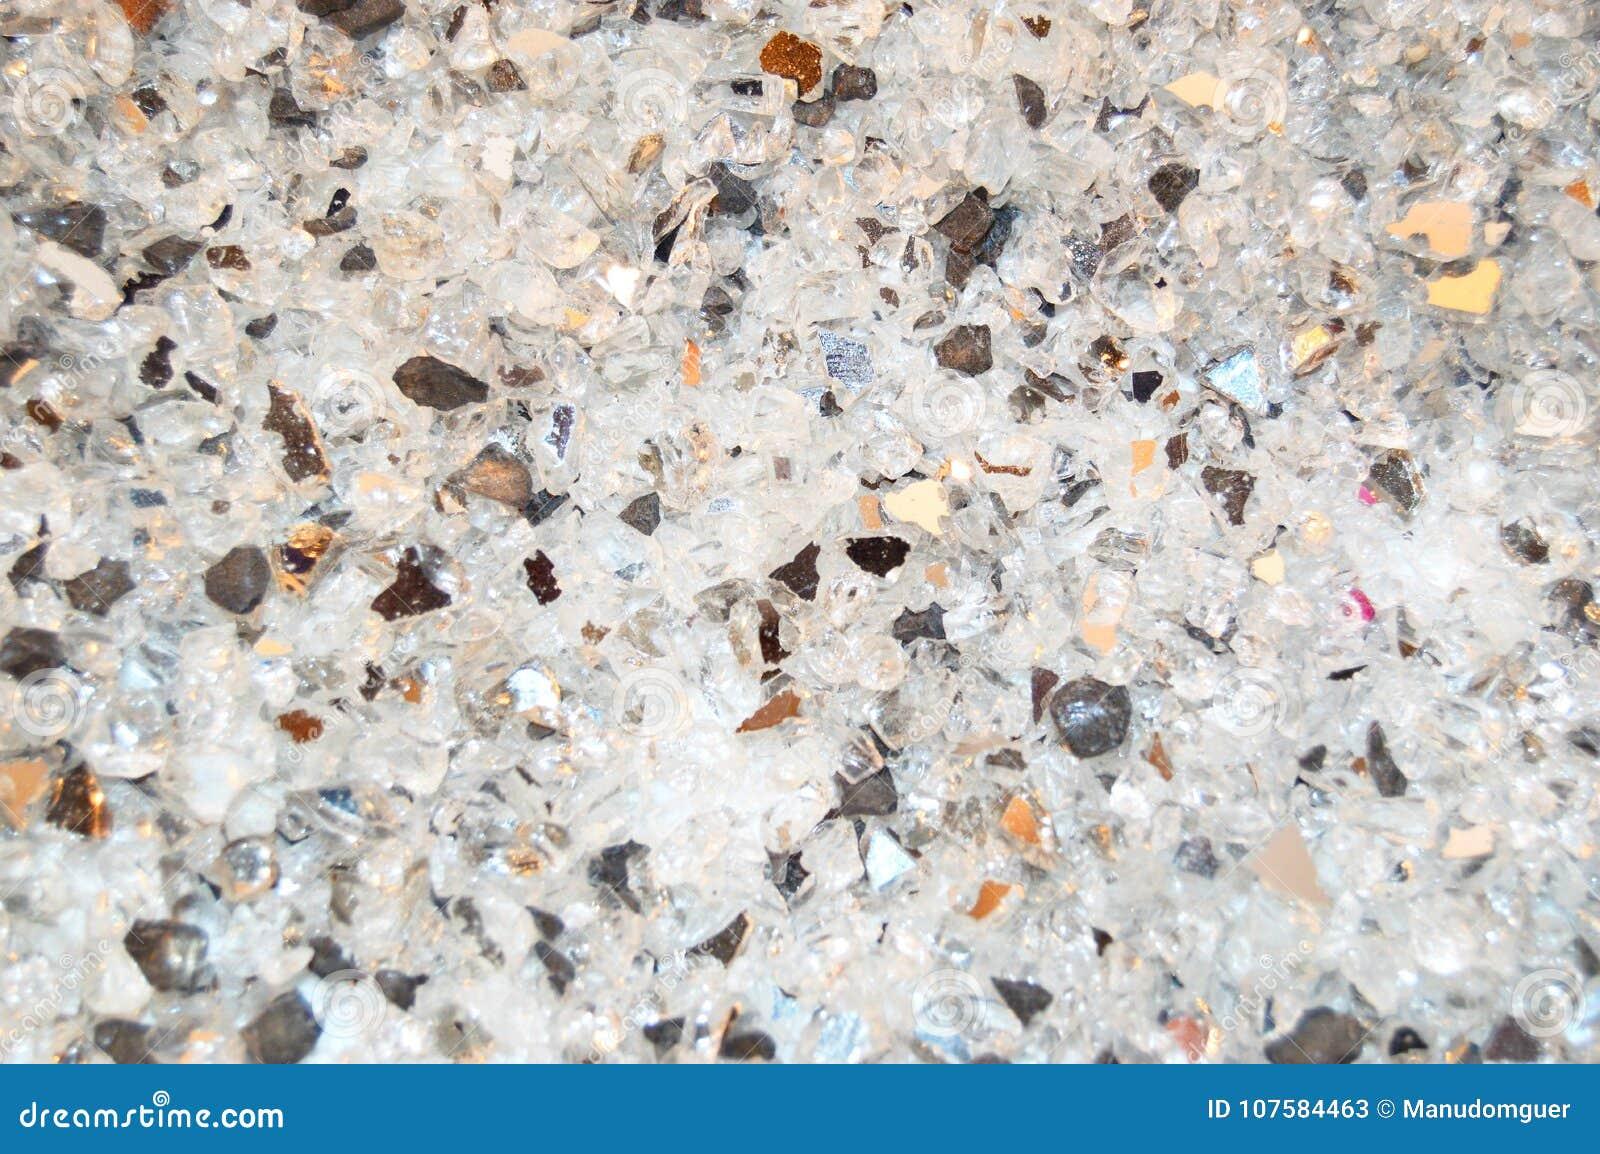 Textura de pedazos de cristal quebrados, fondo blanco y negro del brillo del pago Los días de fiesta, la Navidad, tarjeta del día